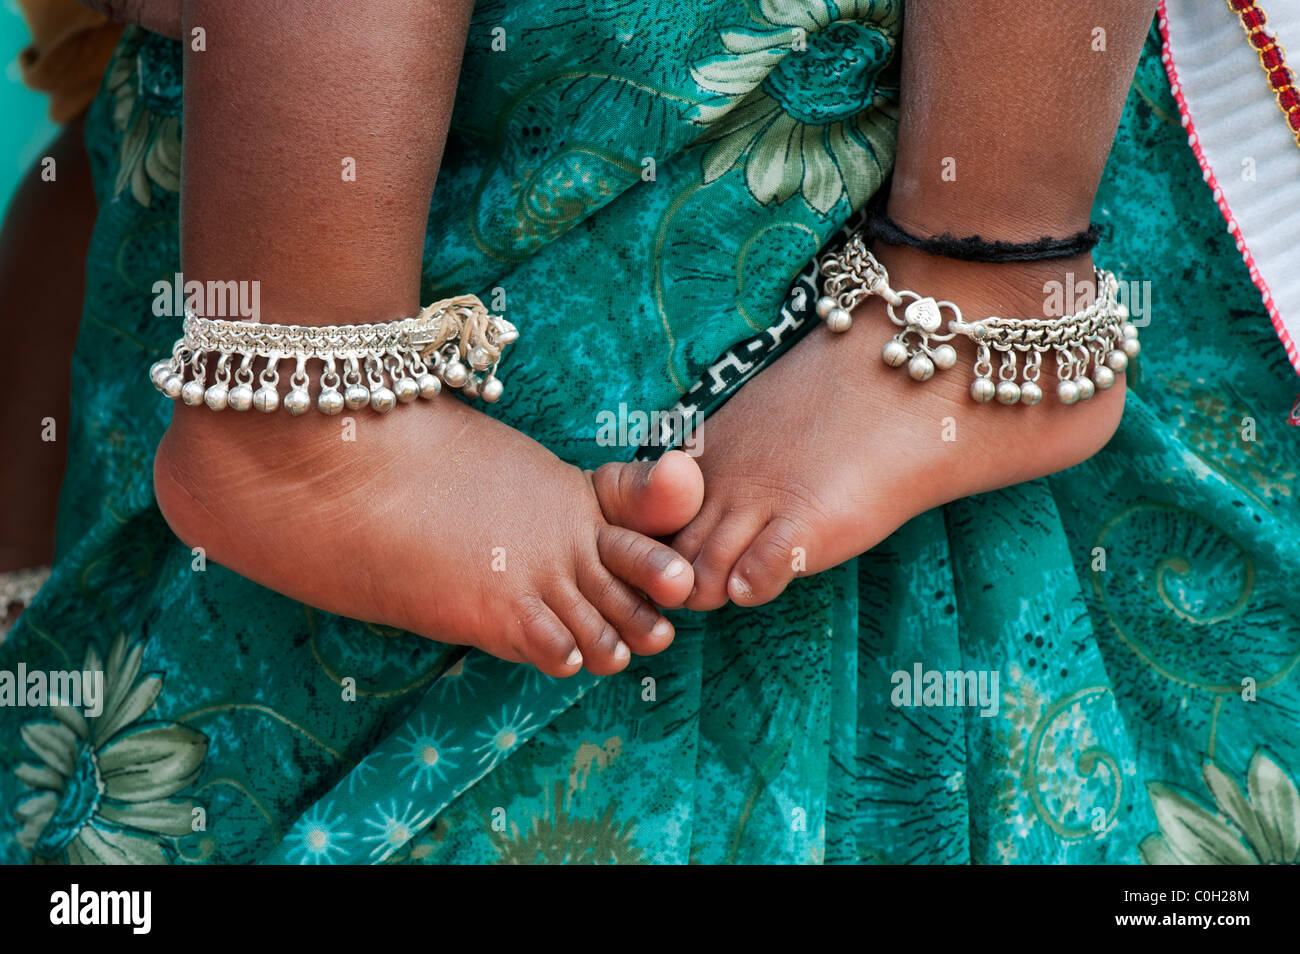 Les bébés indiens pieds nus contre les mères floral vert sari. L'Andhra Pradesh, Inde Photo Stock